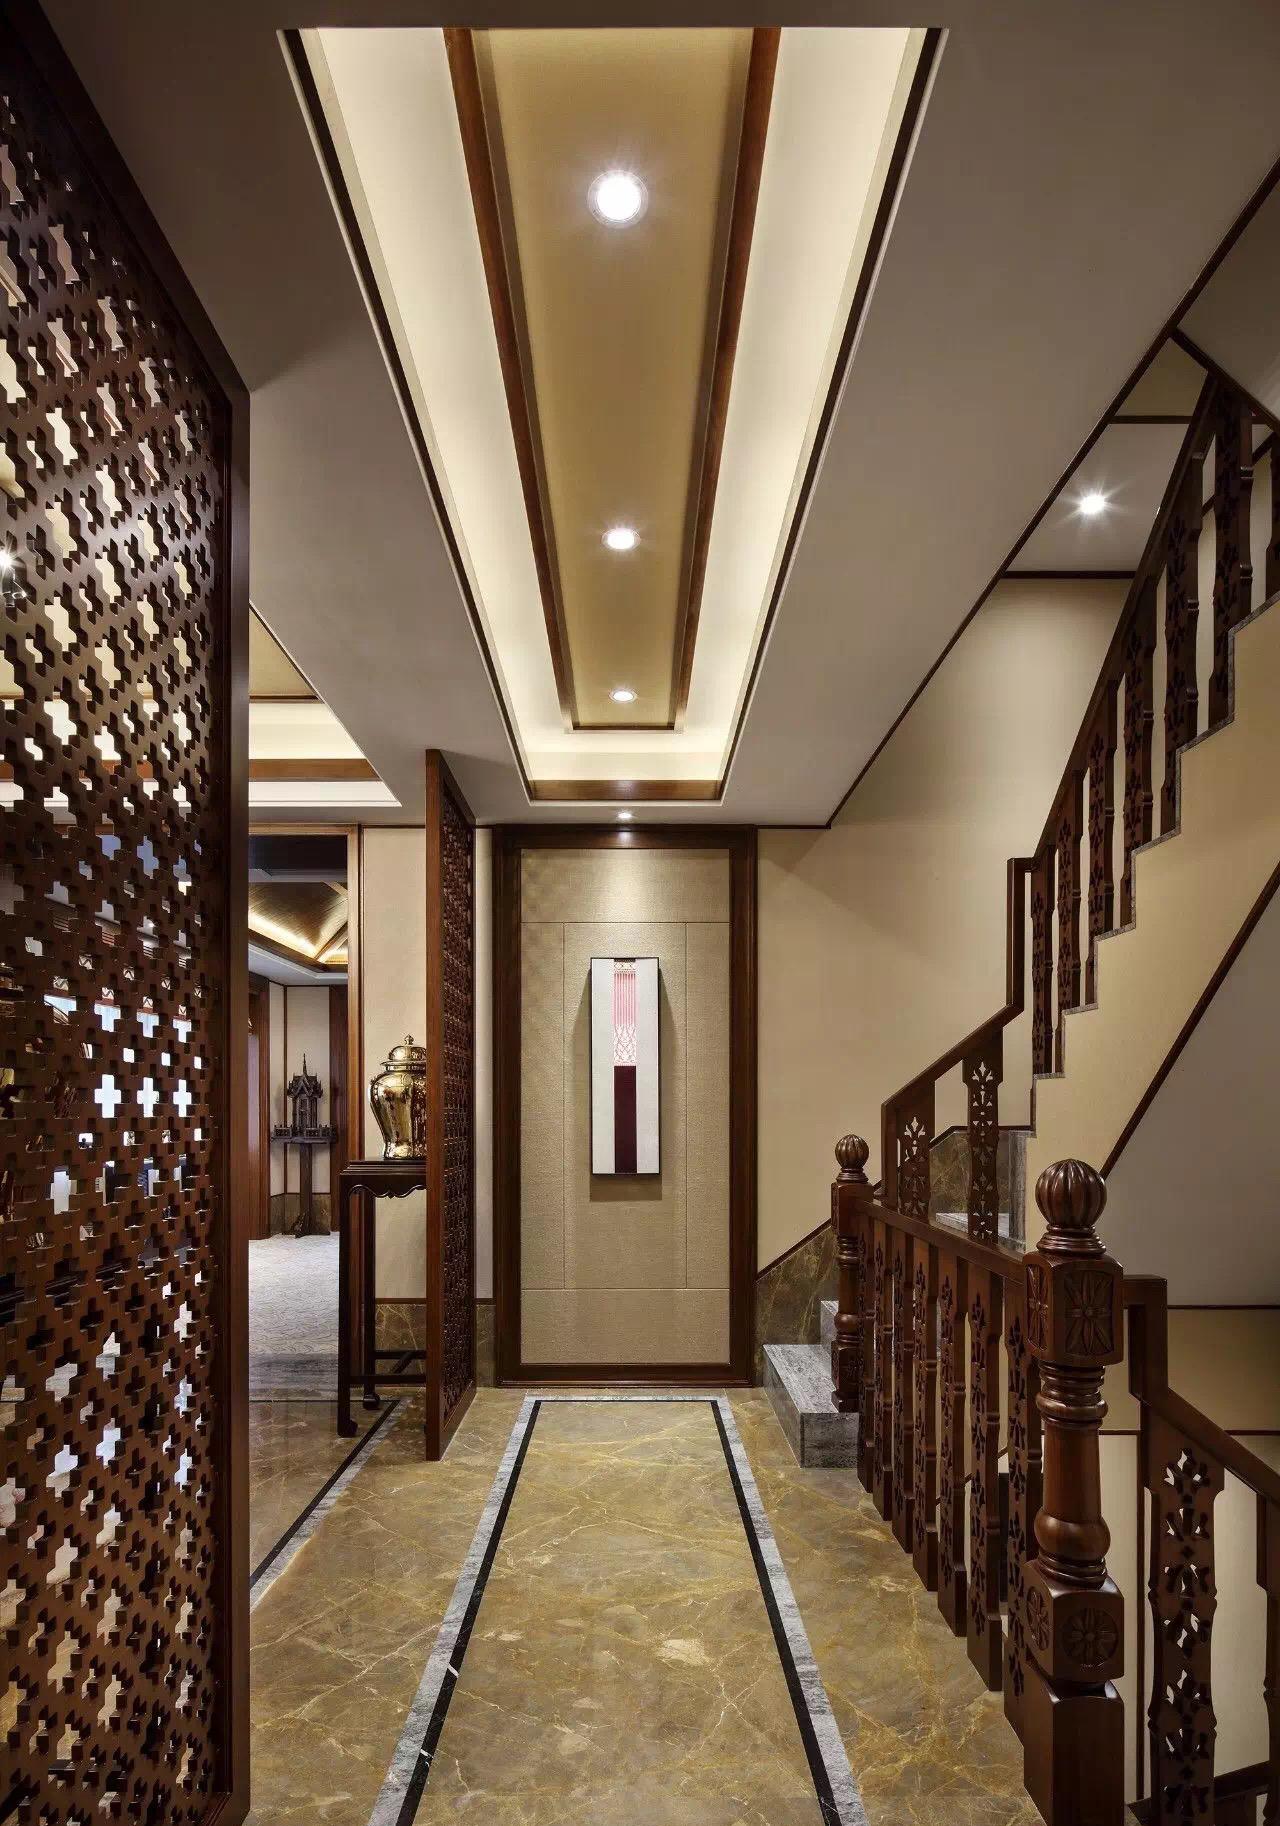 合生东郊 别墅装修 泰式风格 腾龙设计 楼梯图片来自孔继民在合生东郊别墅 项目装修泰式风格的分享